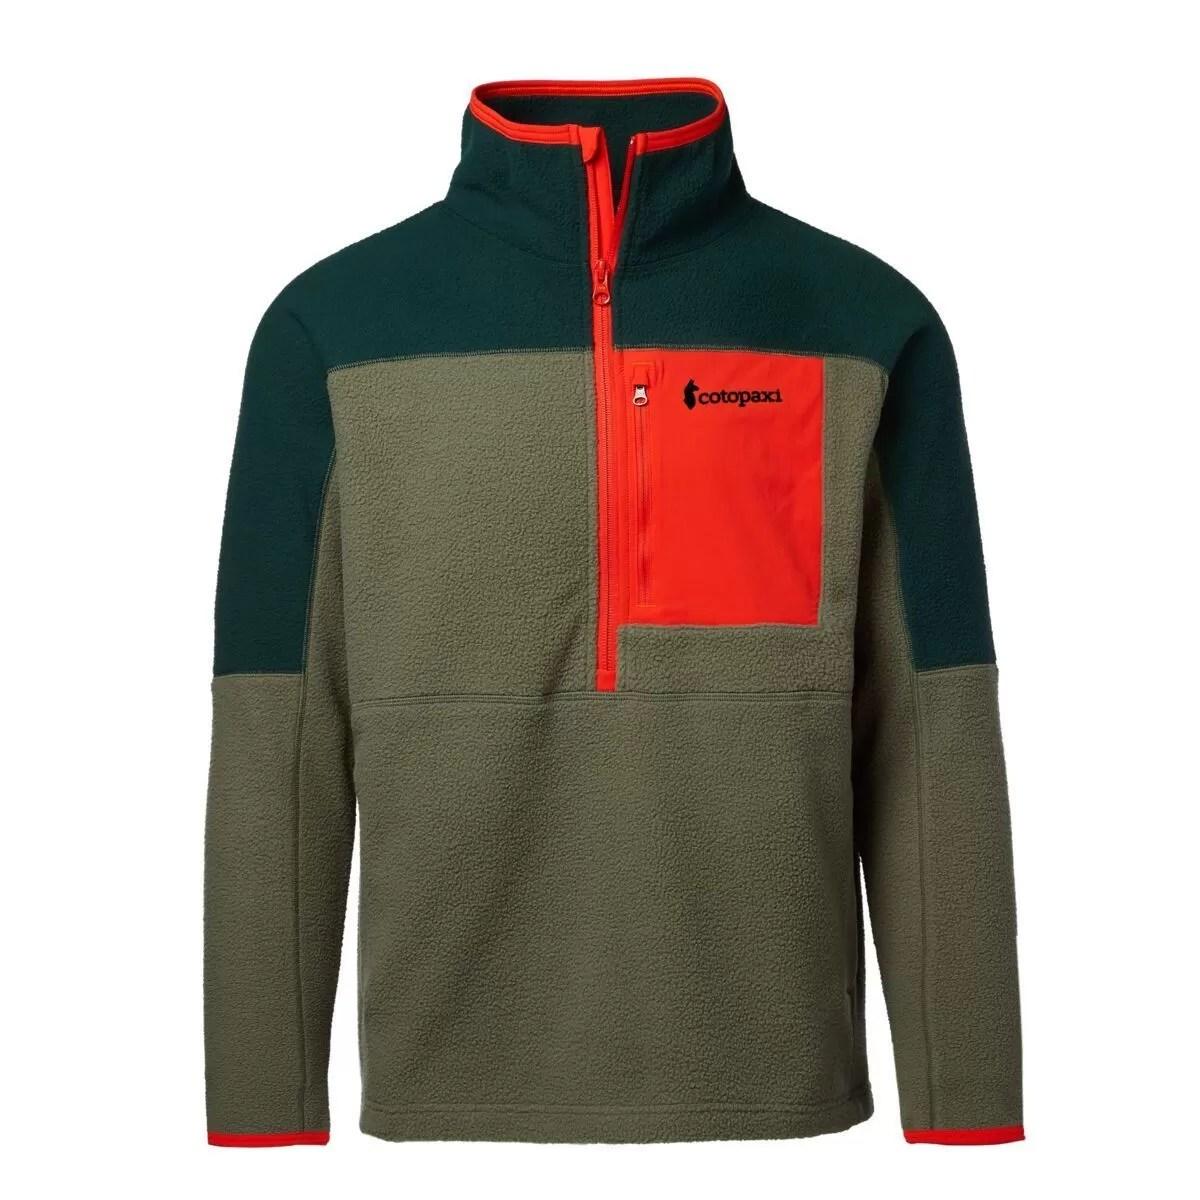 Cotopaxi M Dorado Half-Zip Fleece Jacket